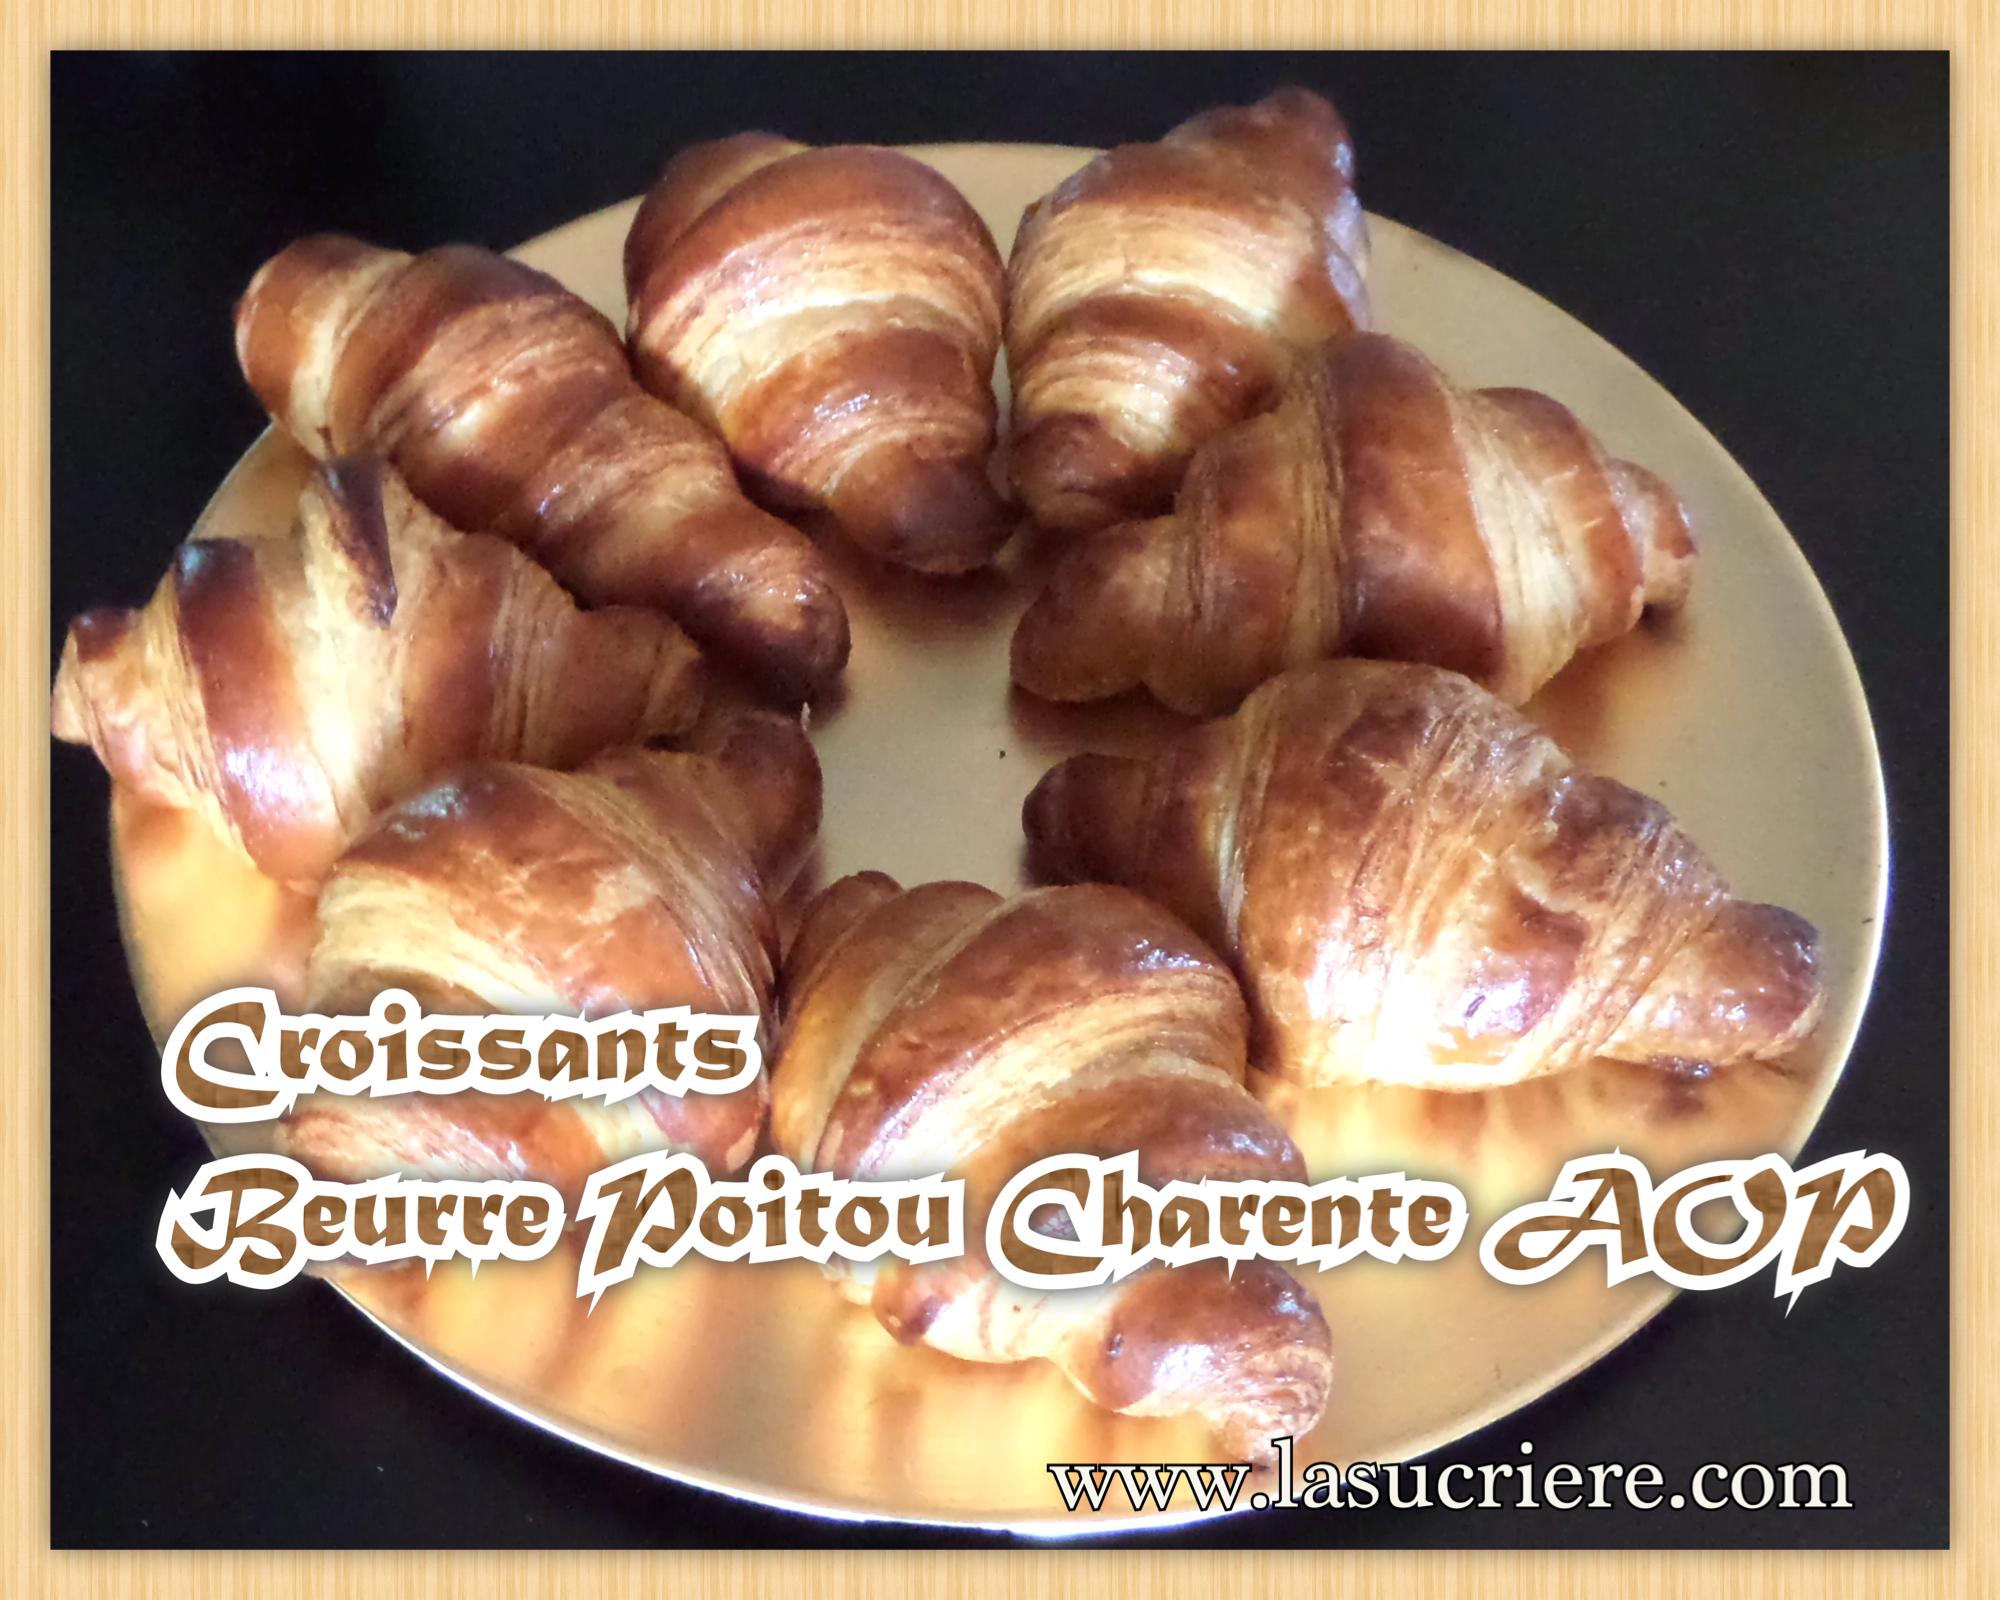 Croissants Beurre Poitou charente AOP atelier pâtisserie sur Bordeaux